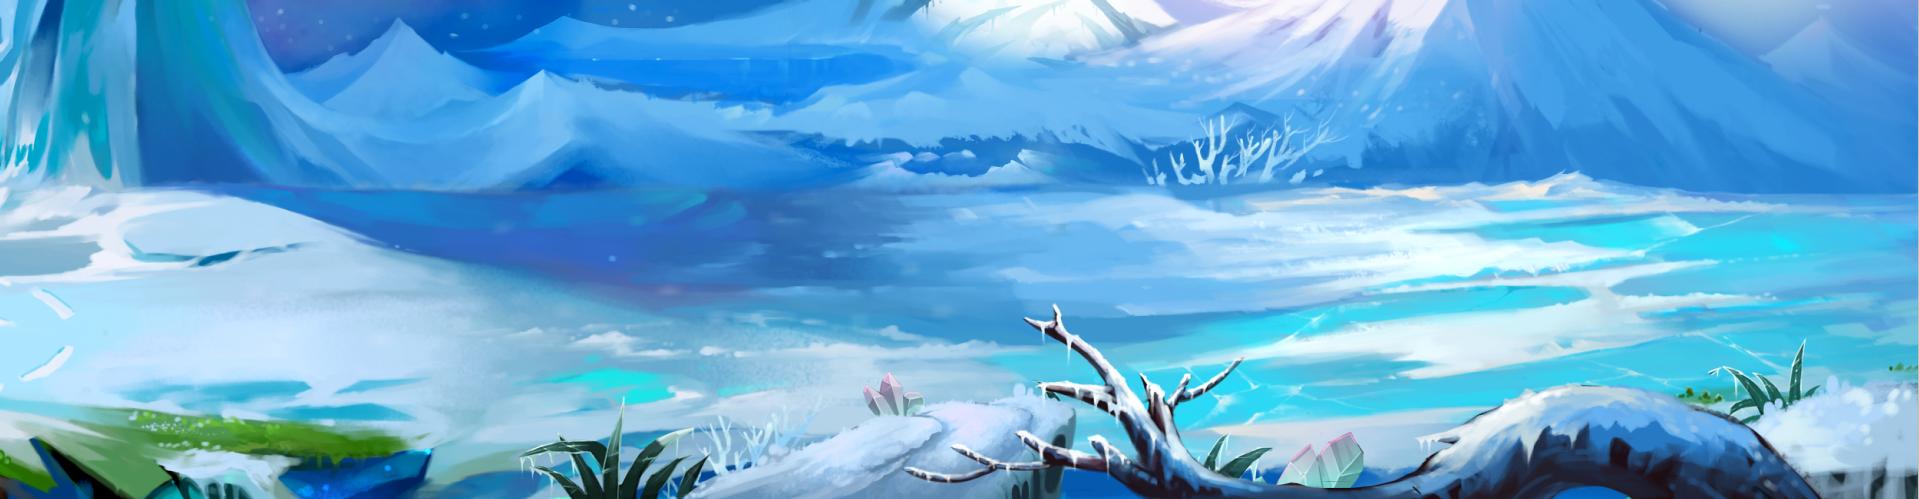 幻雪城第二章